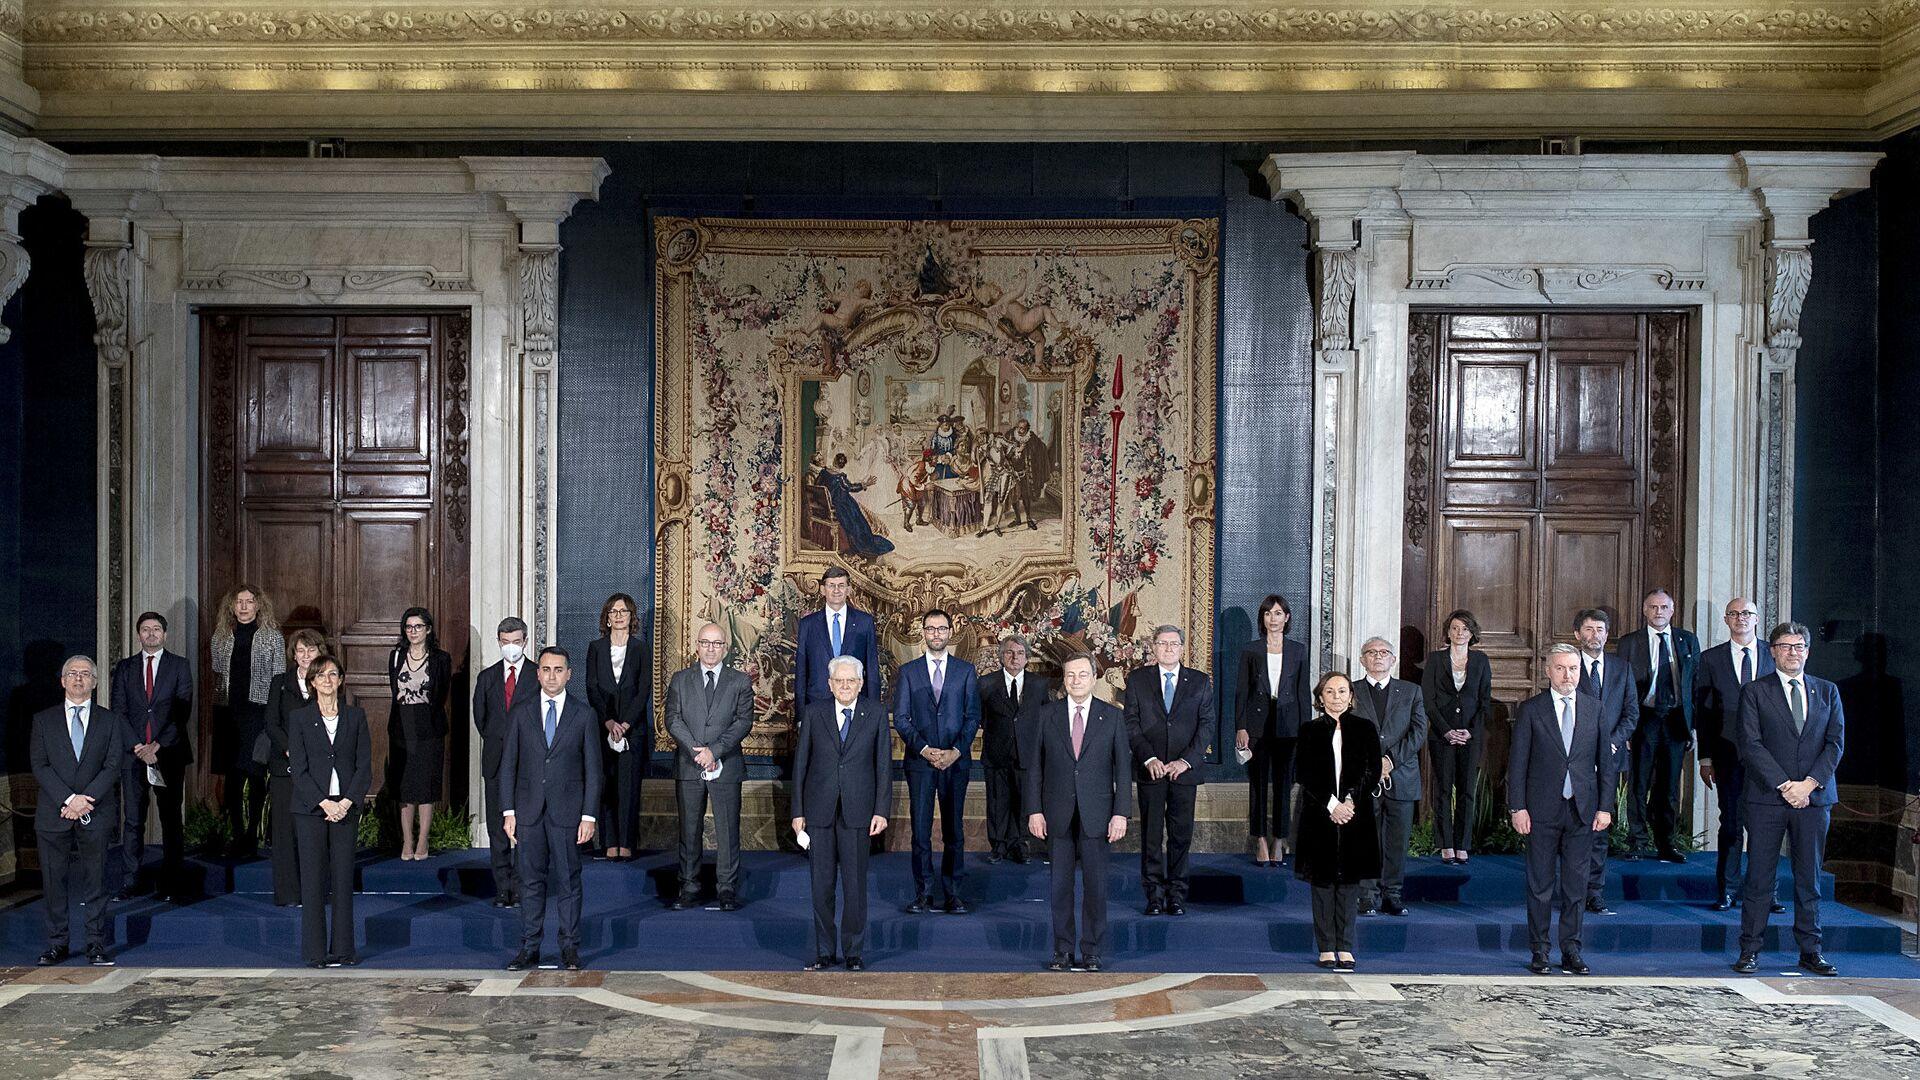 Roma - Il Presidente della Repubblica Sergio Mattarella e il Presidente del Consiglio Mario Draghi con il nuovo Governo,13 febbraio 2021 - Sputnik Italia, 1920, 08.08.2021